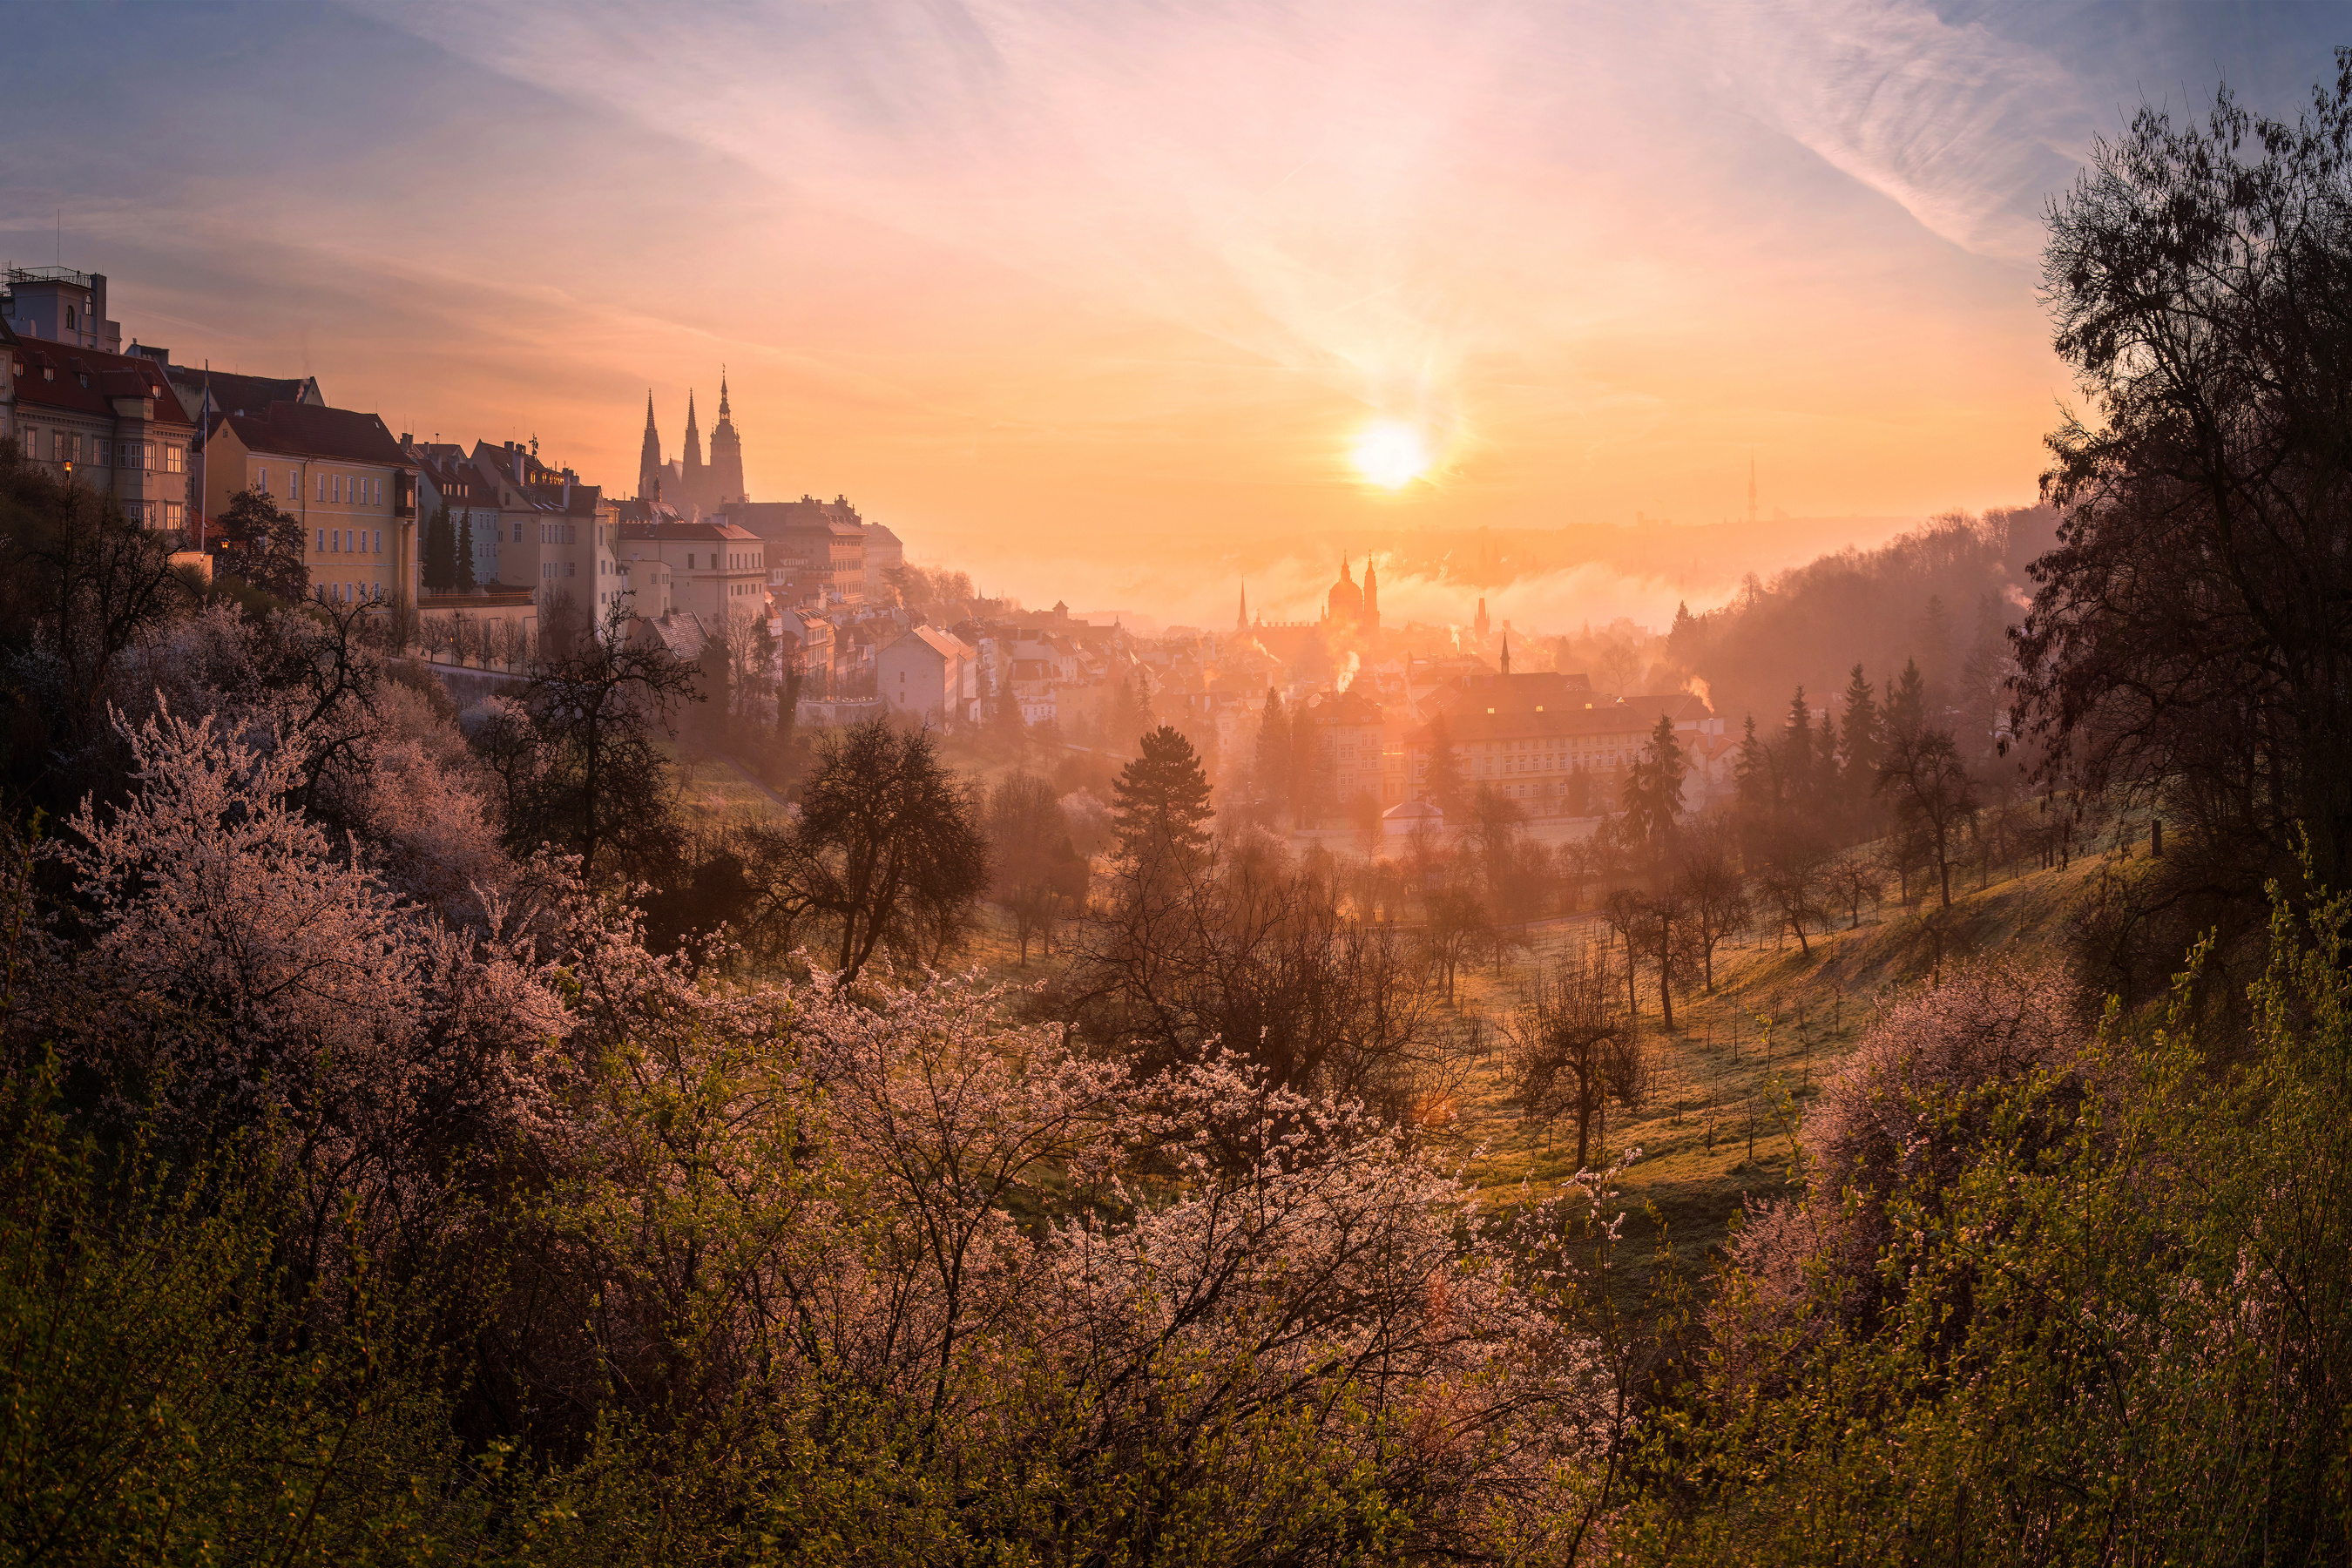 Soutěž ocenila nejlepší amatérské snímky s odkazem k české historii